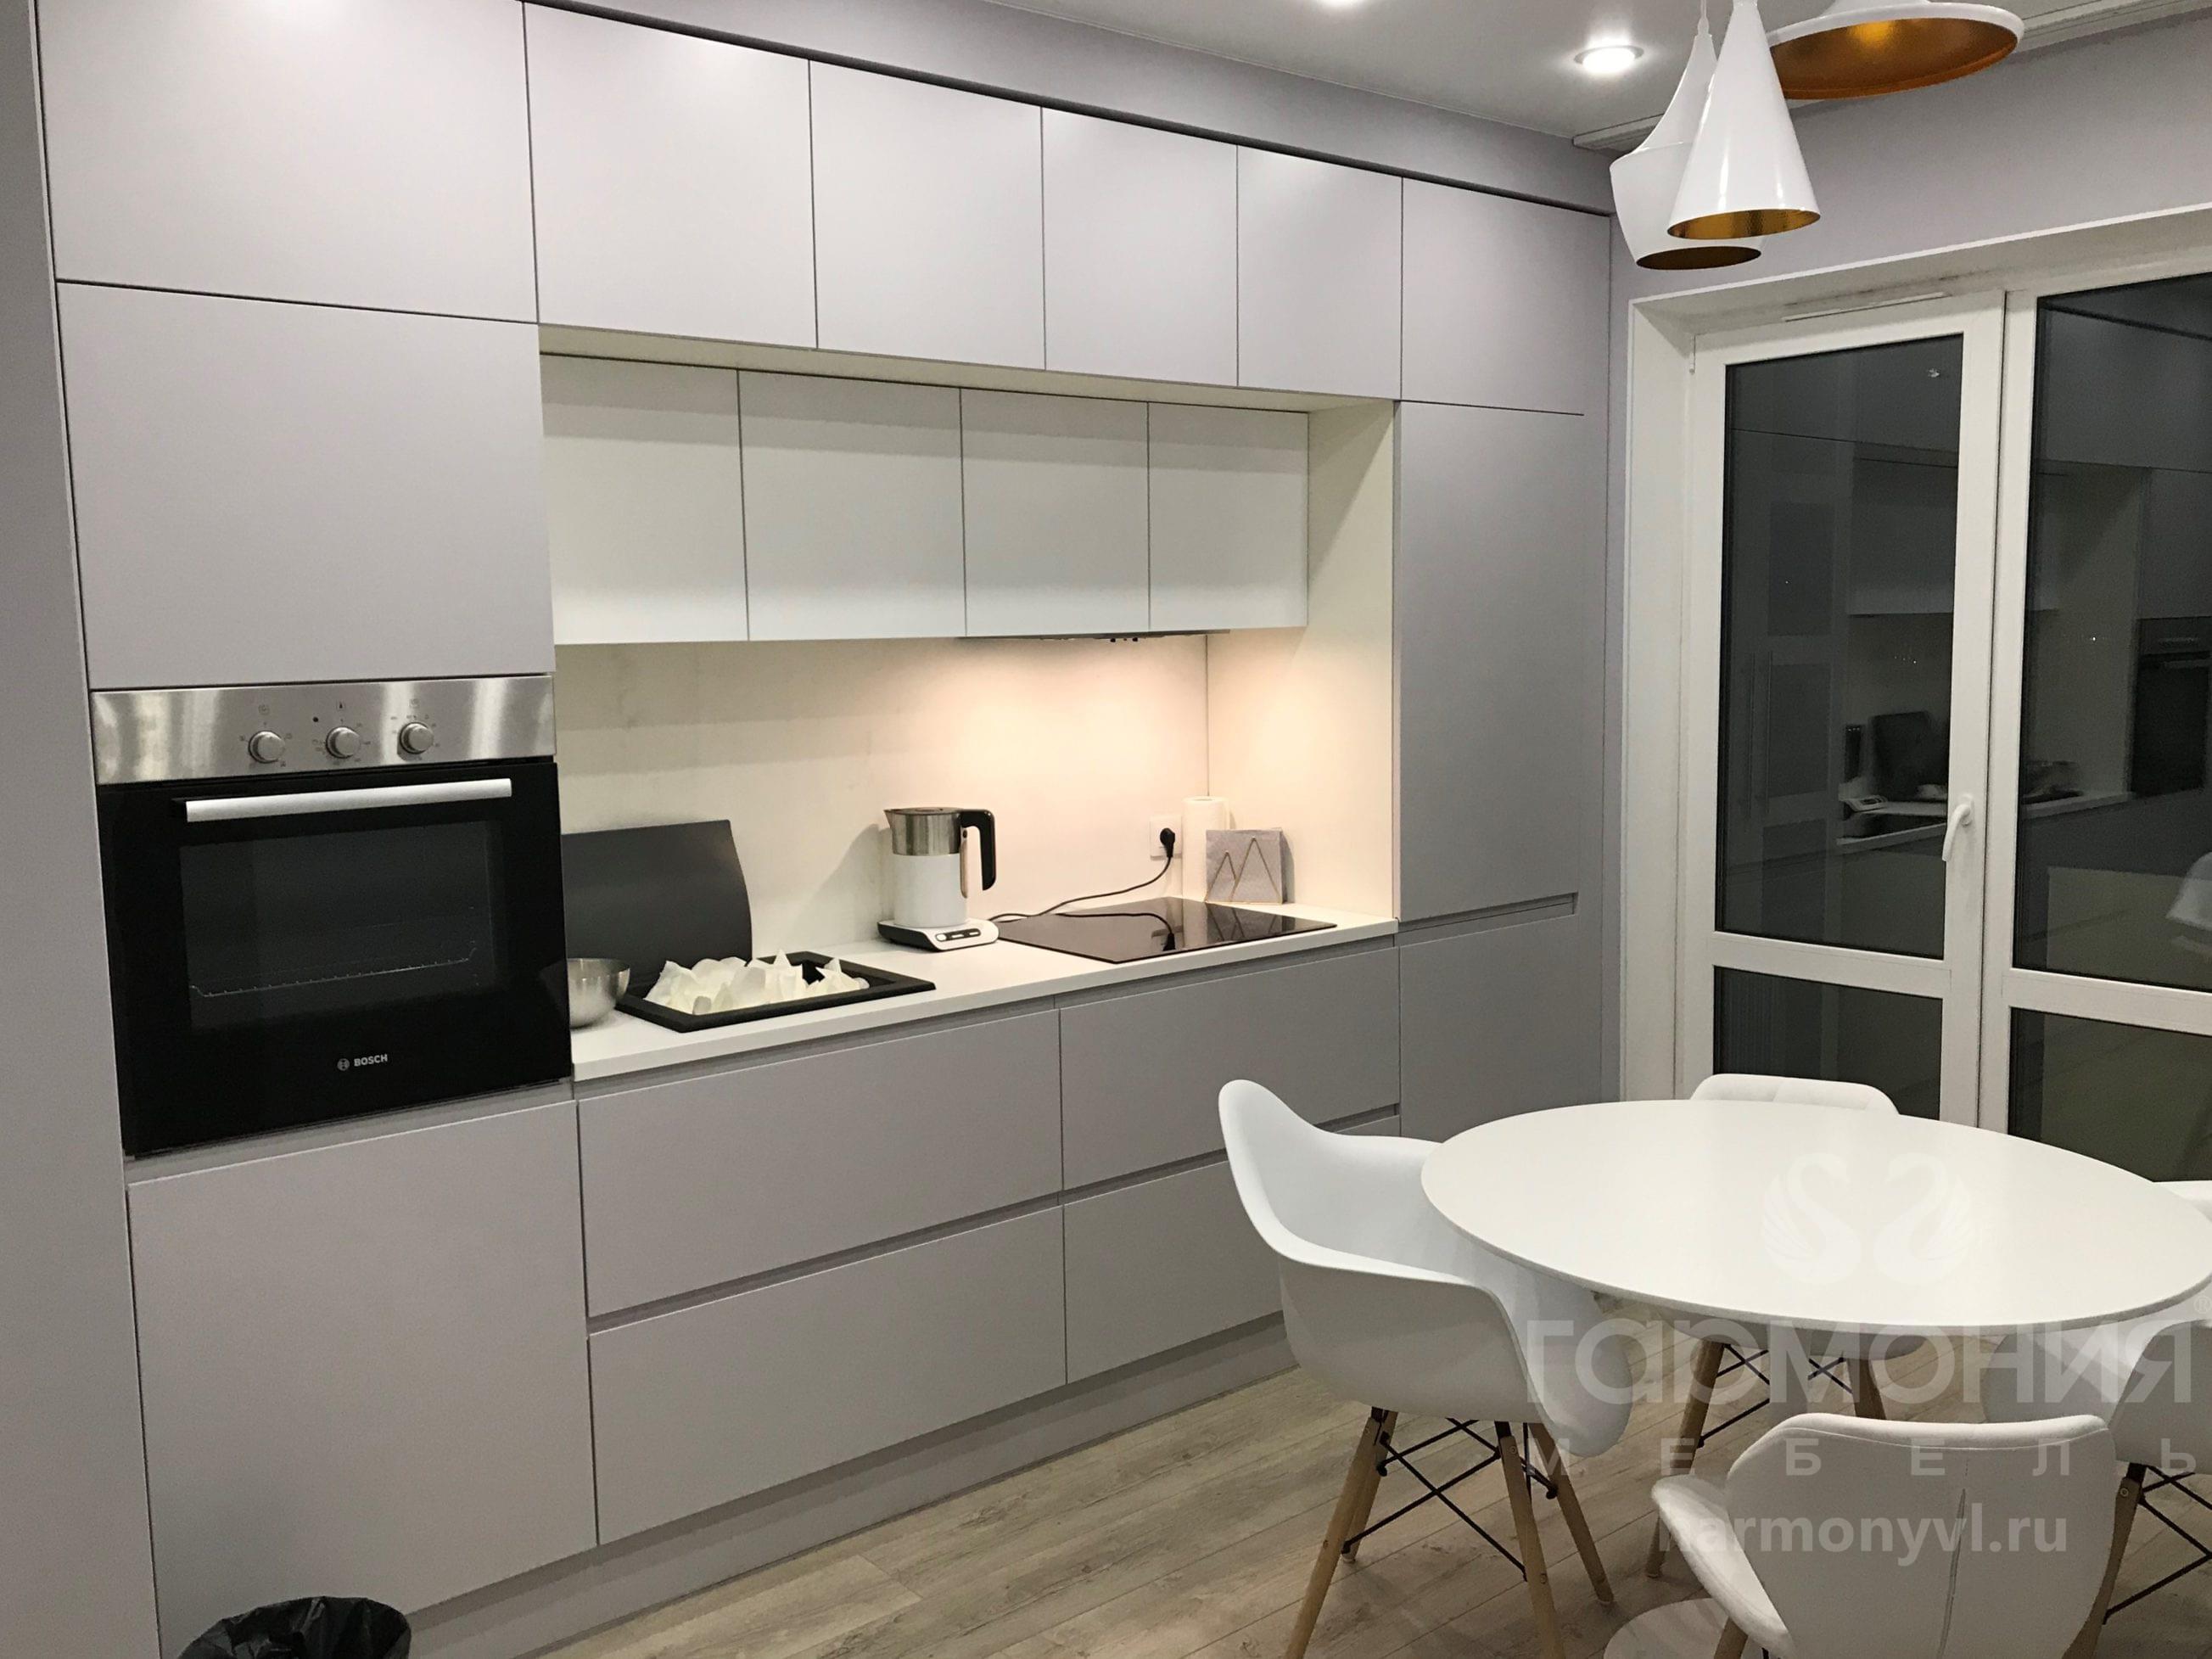 кухни в стиле минимализм фото реальных кухонь доказано, что